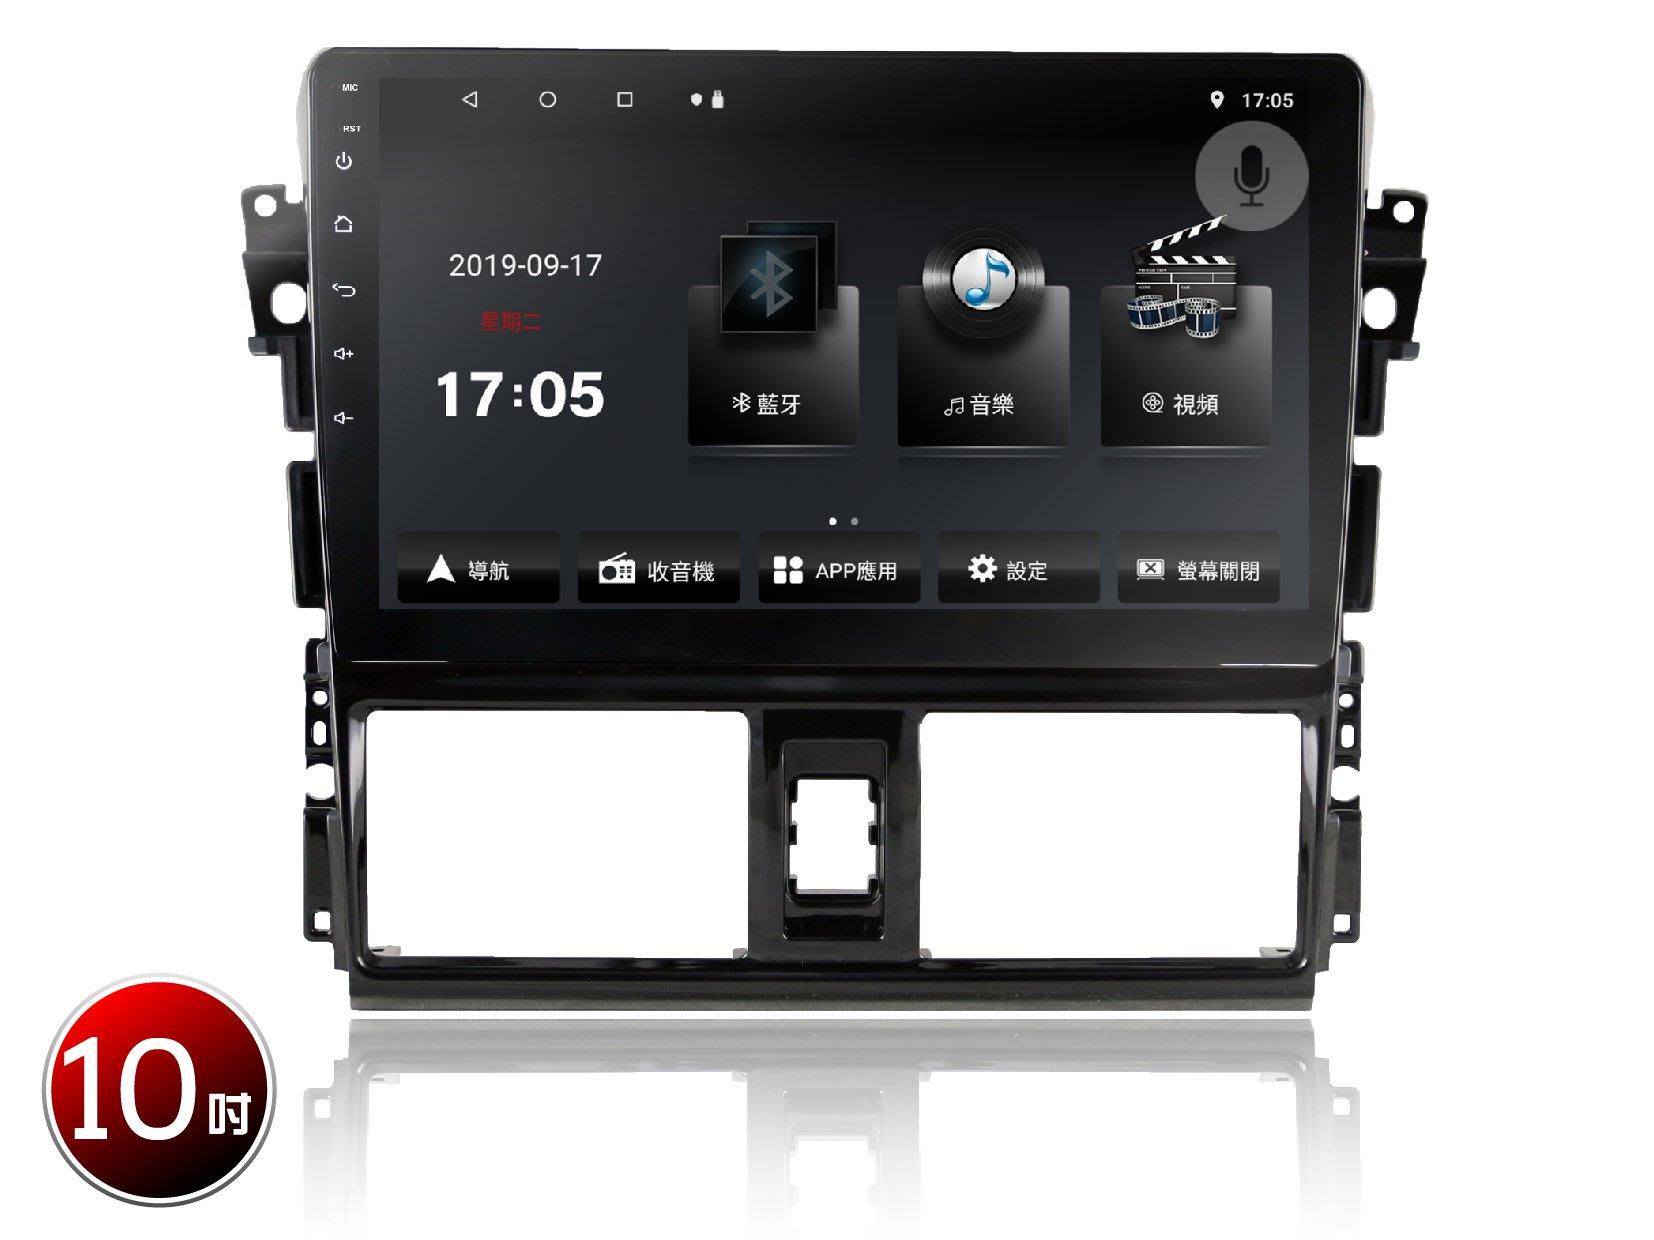 【全昇音響 】14VIOS V33 專用機 八核心 一年商品保固,台灣電檢合格商品 G+G雙層鋼化玻璃 支援AHD鏡頭